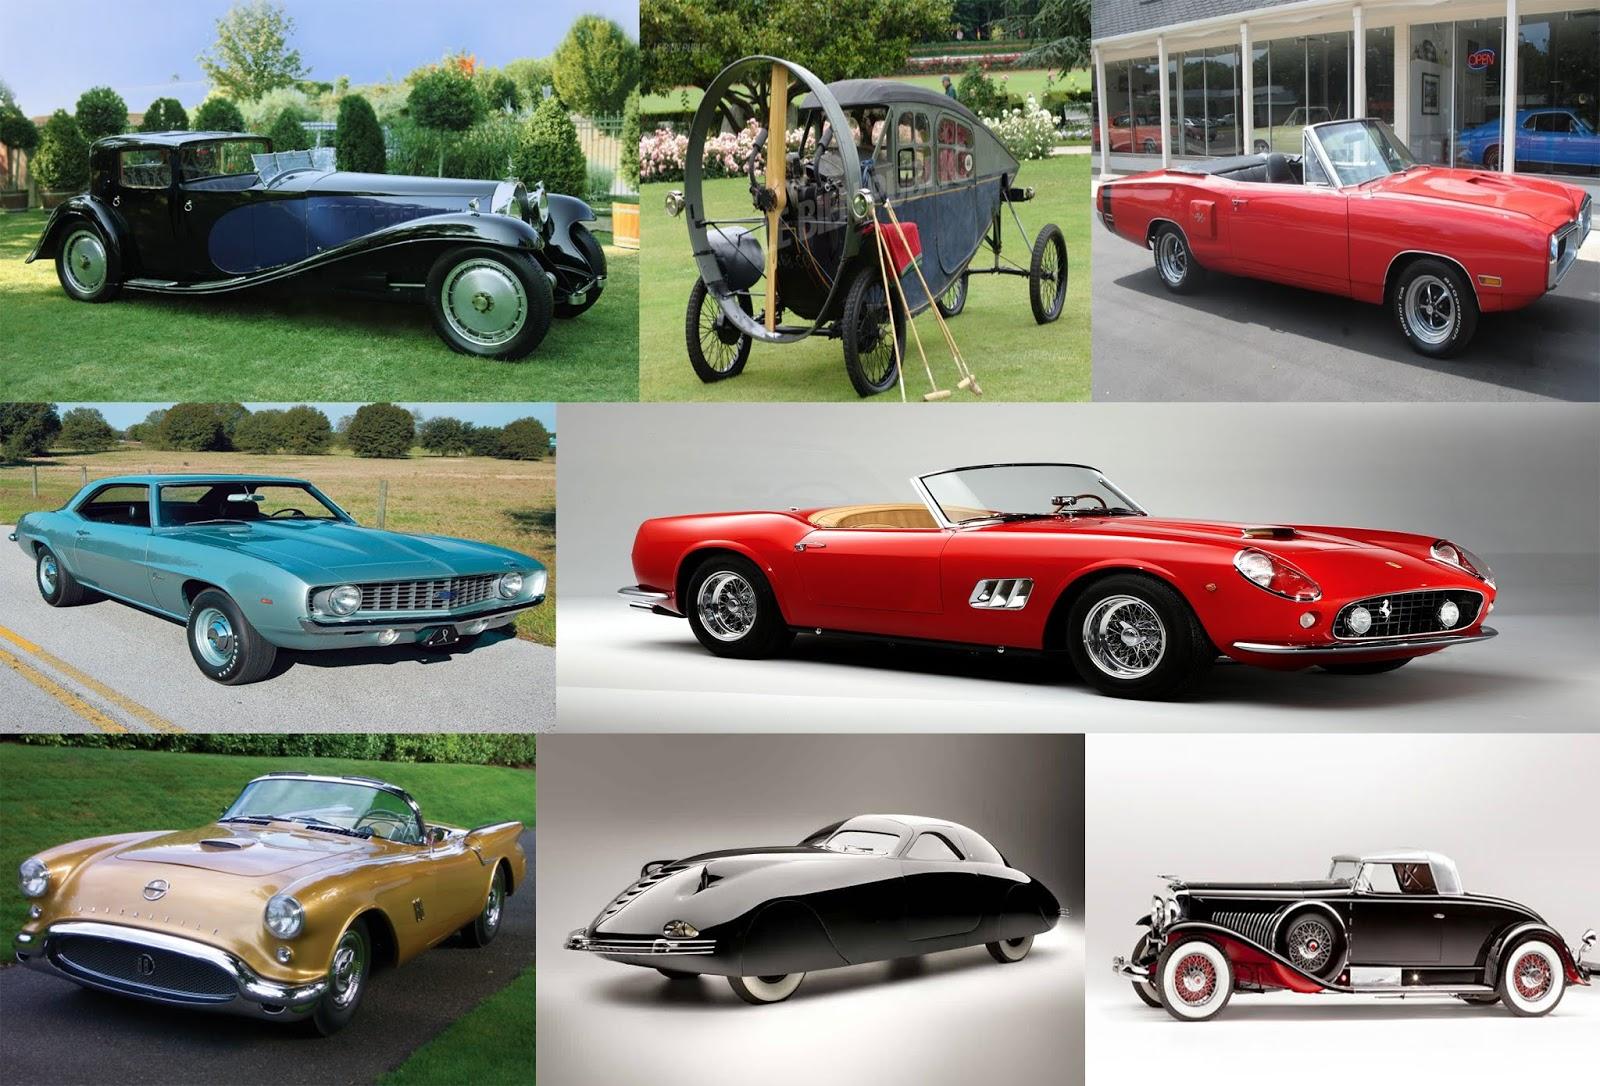 10 Mobil Terlangka Di Dunia